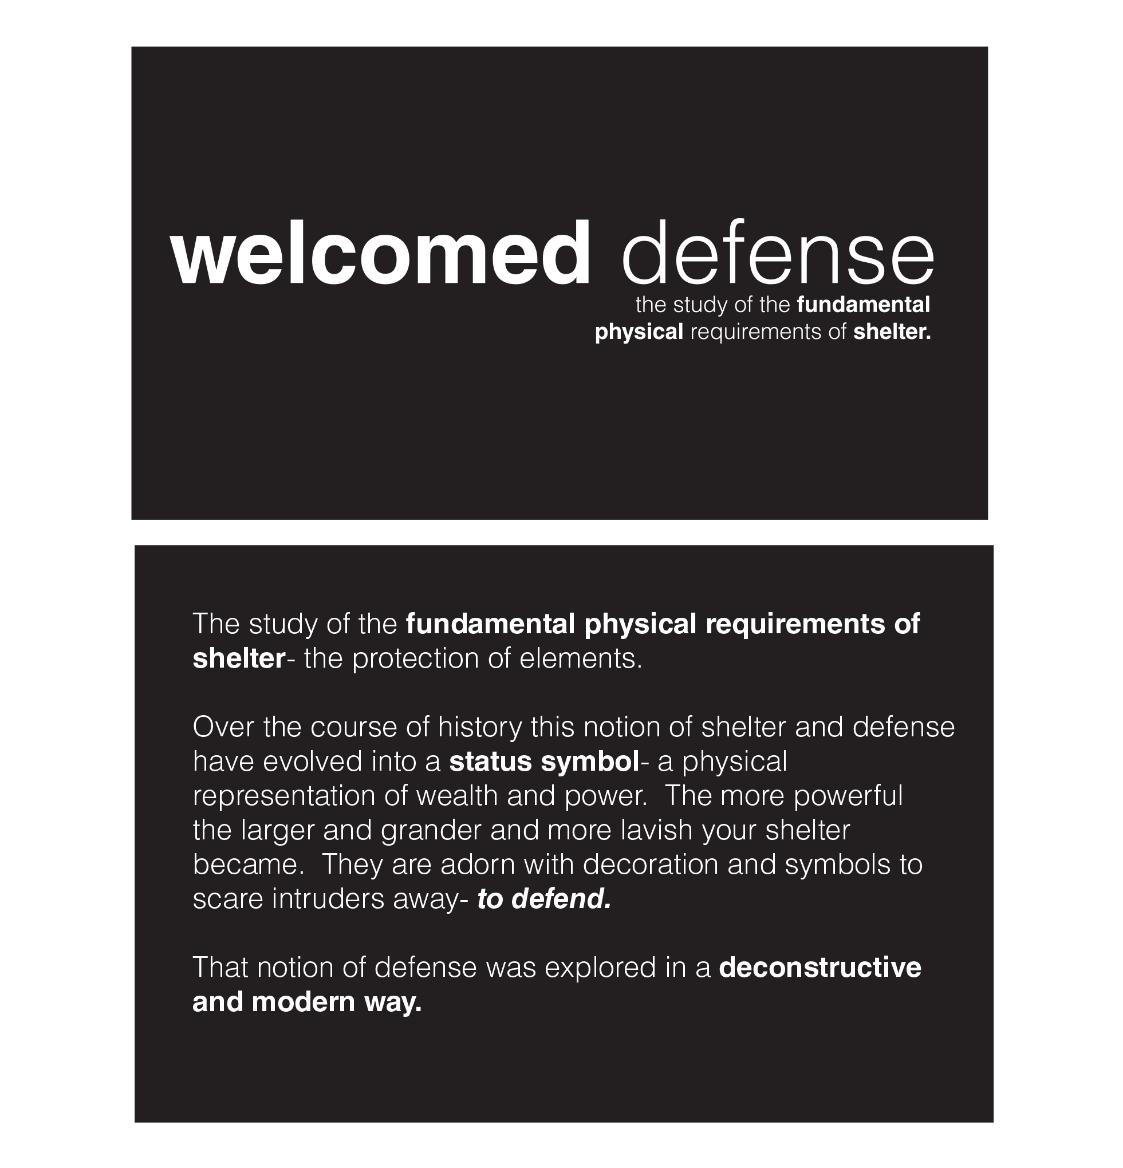 welcomed defense